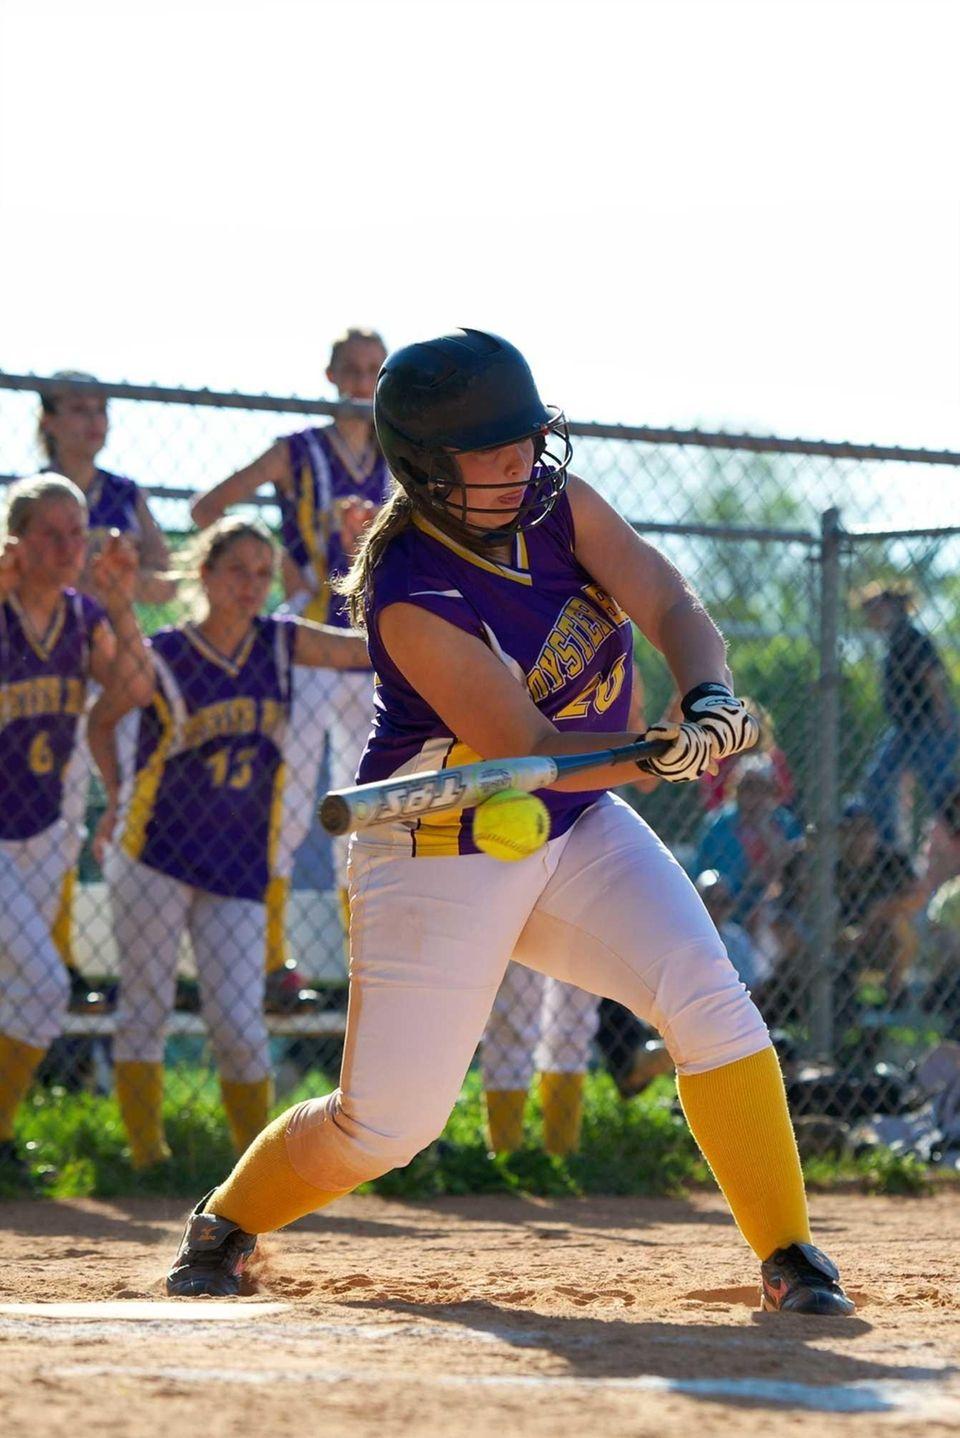 Oyster Bay left fielder Kristen Poppe swings at